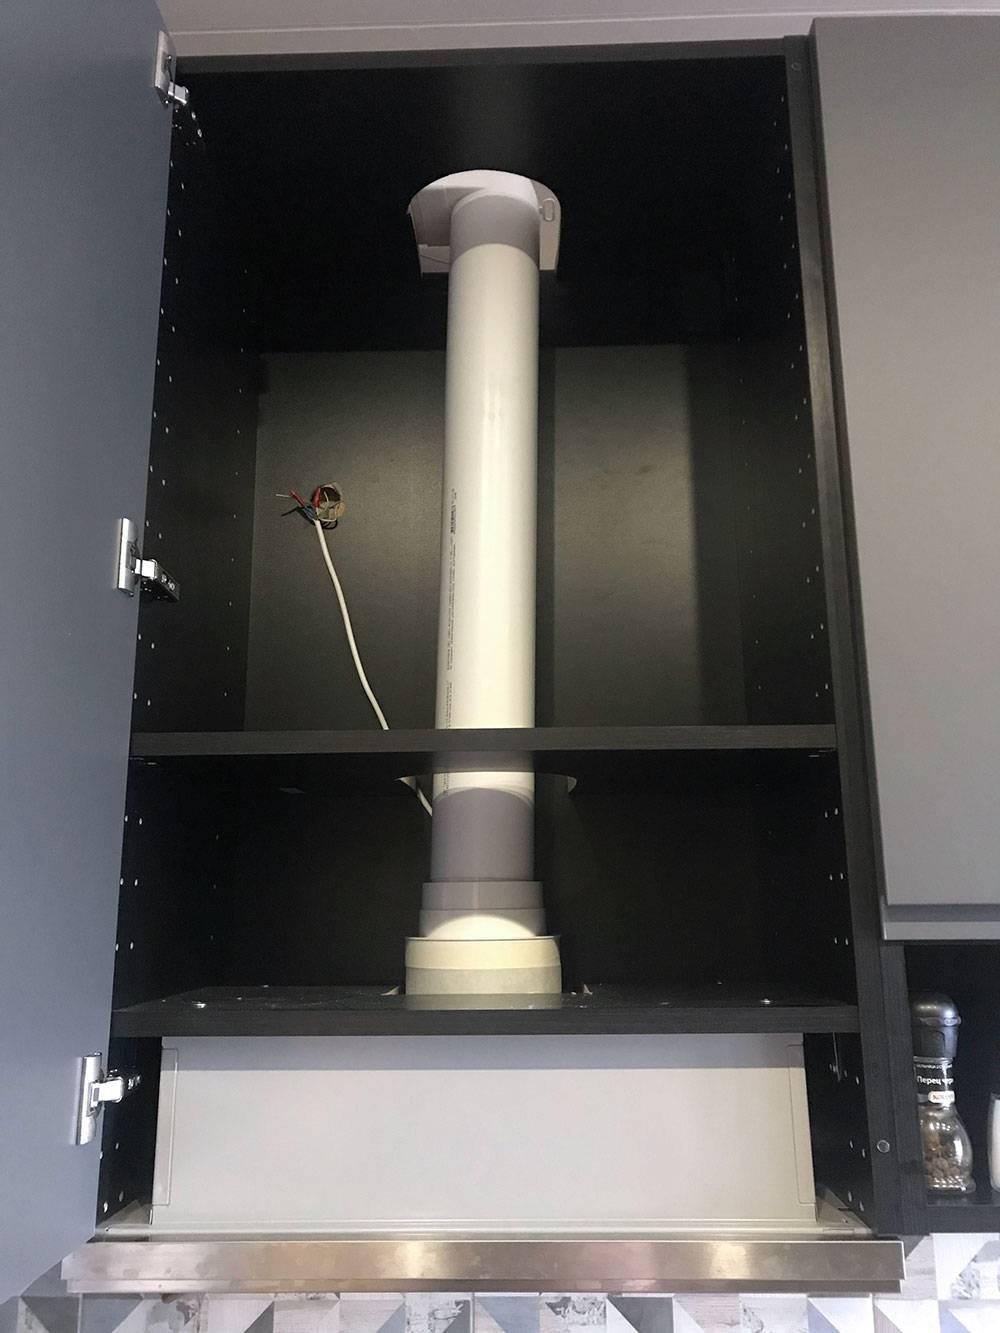 Длянового воздуховода нужны были отверстия диаметром 10 см, но предыдущие было уже не уменьшить